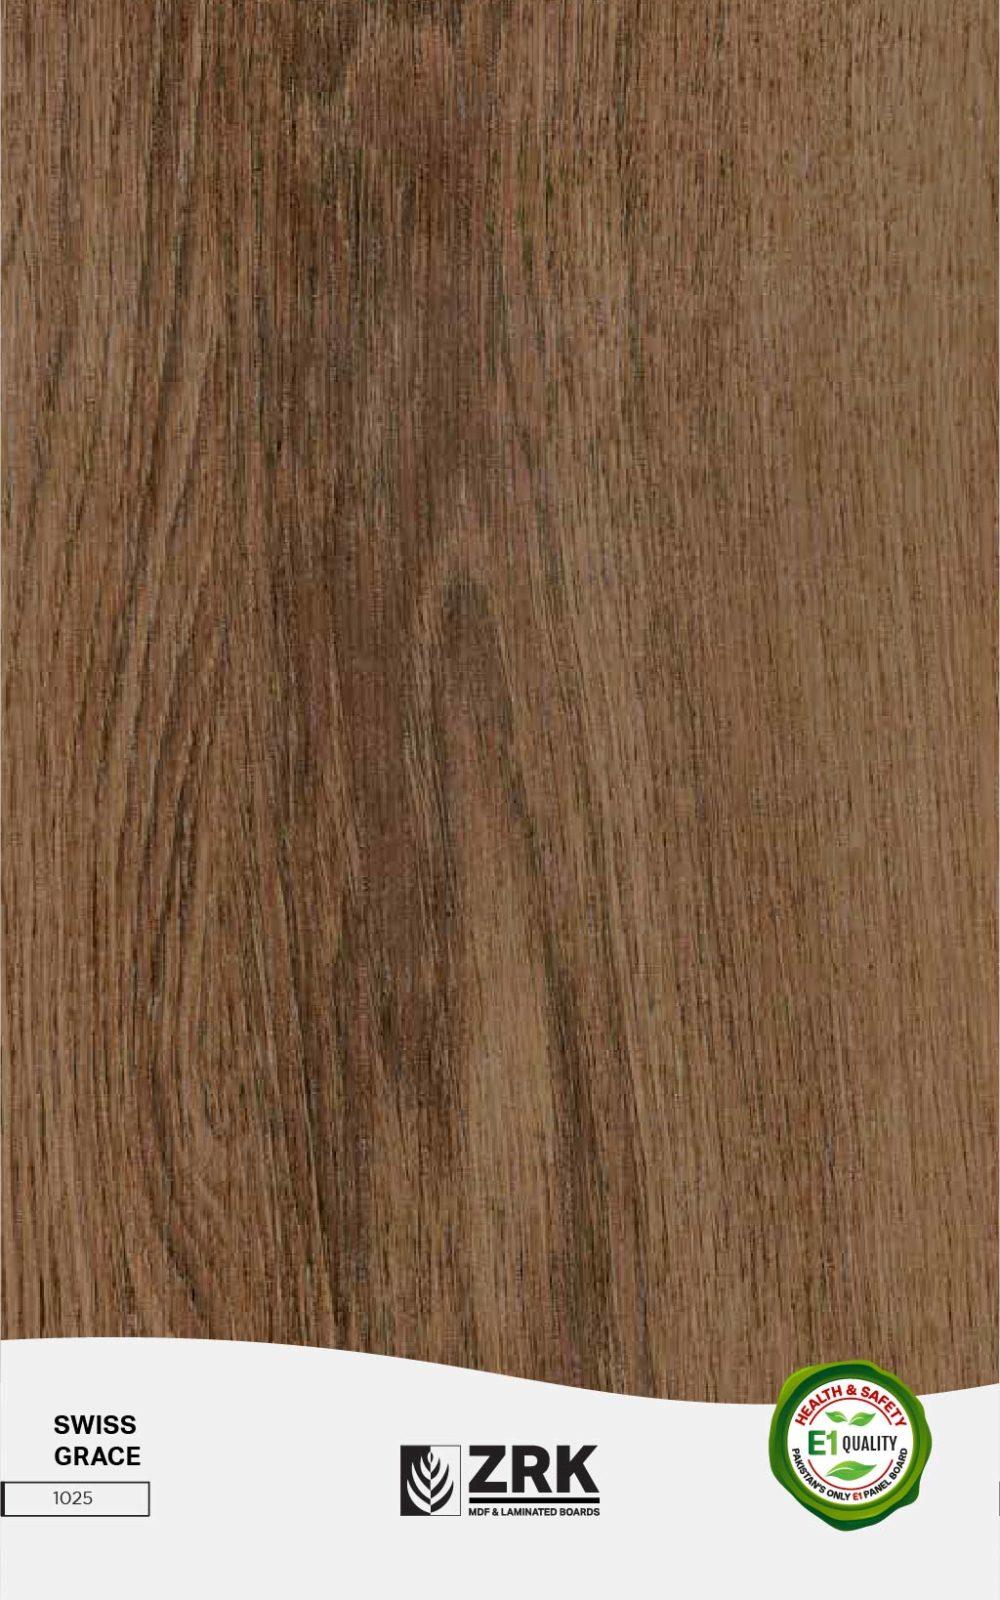 Swiss Grace - Wood Grain - 1025